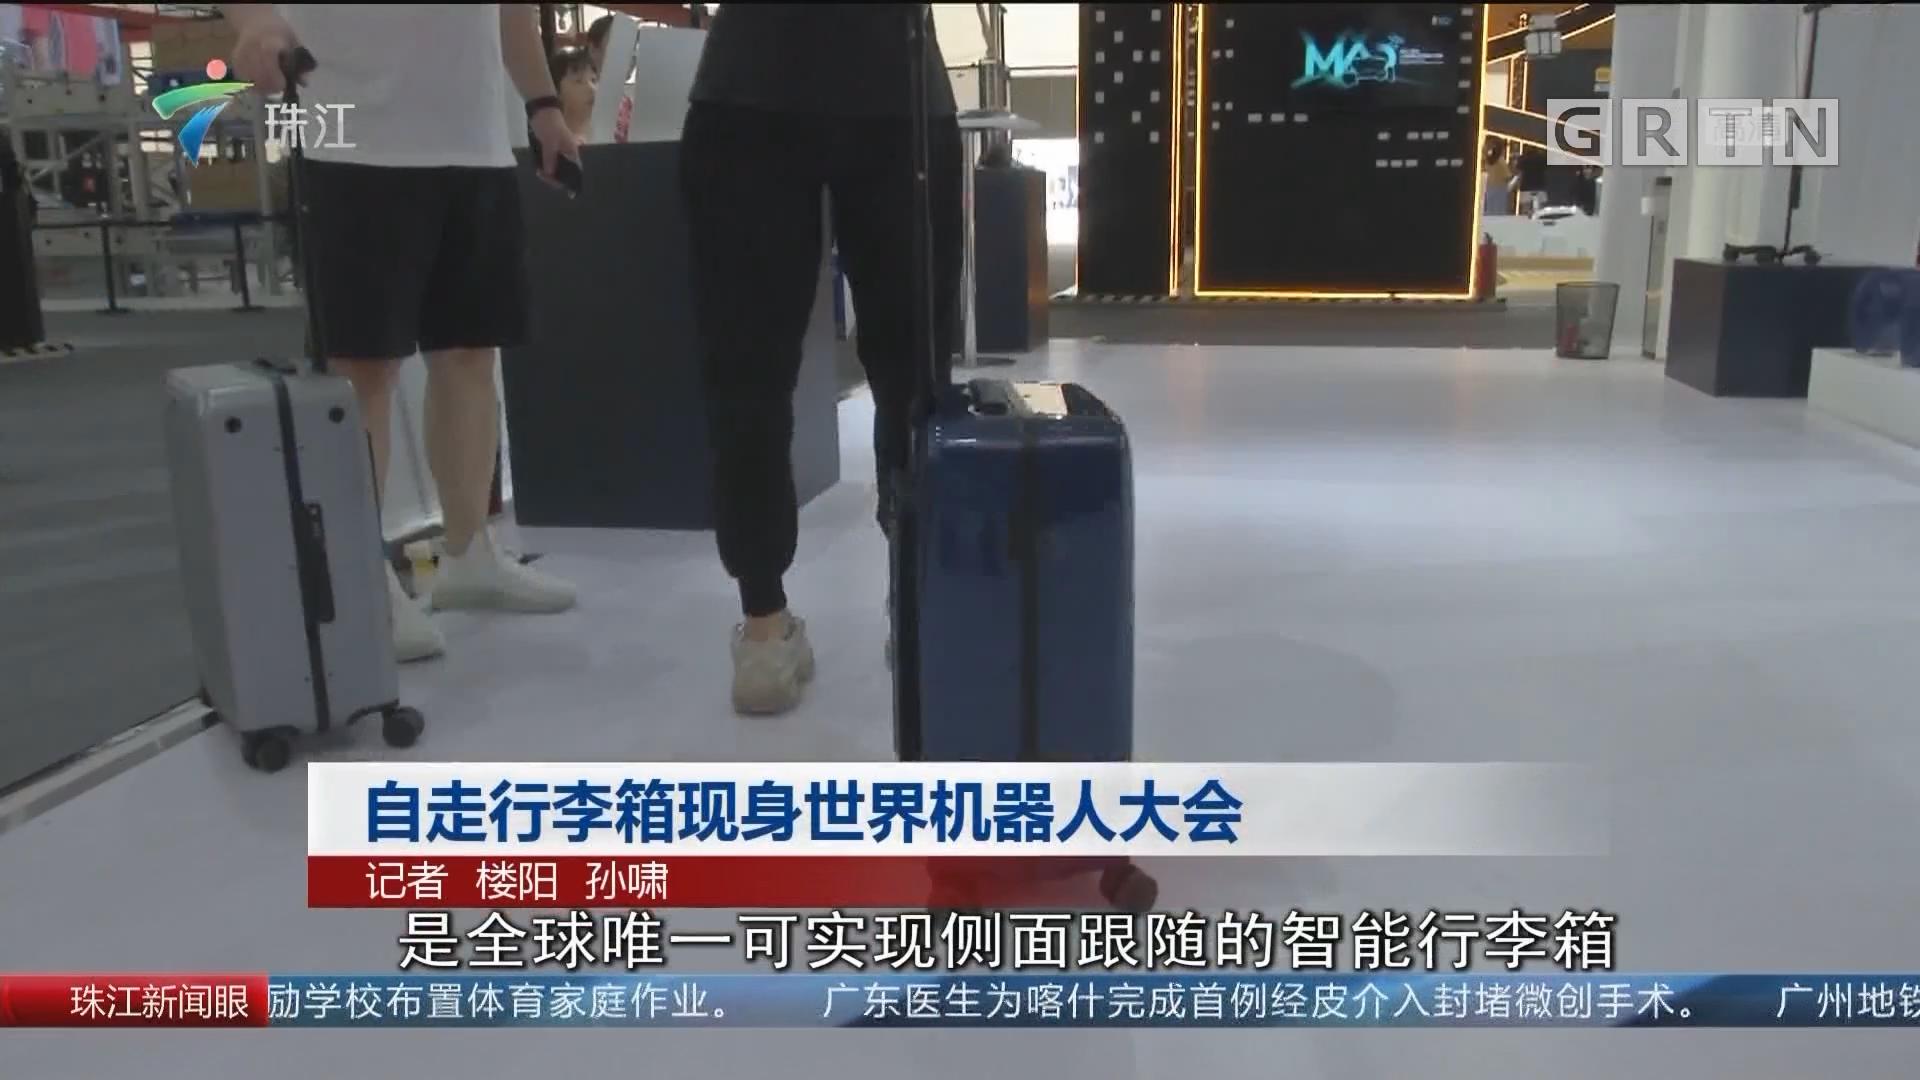 自走行李箱现身世界机器人大会